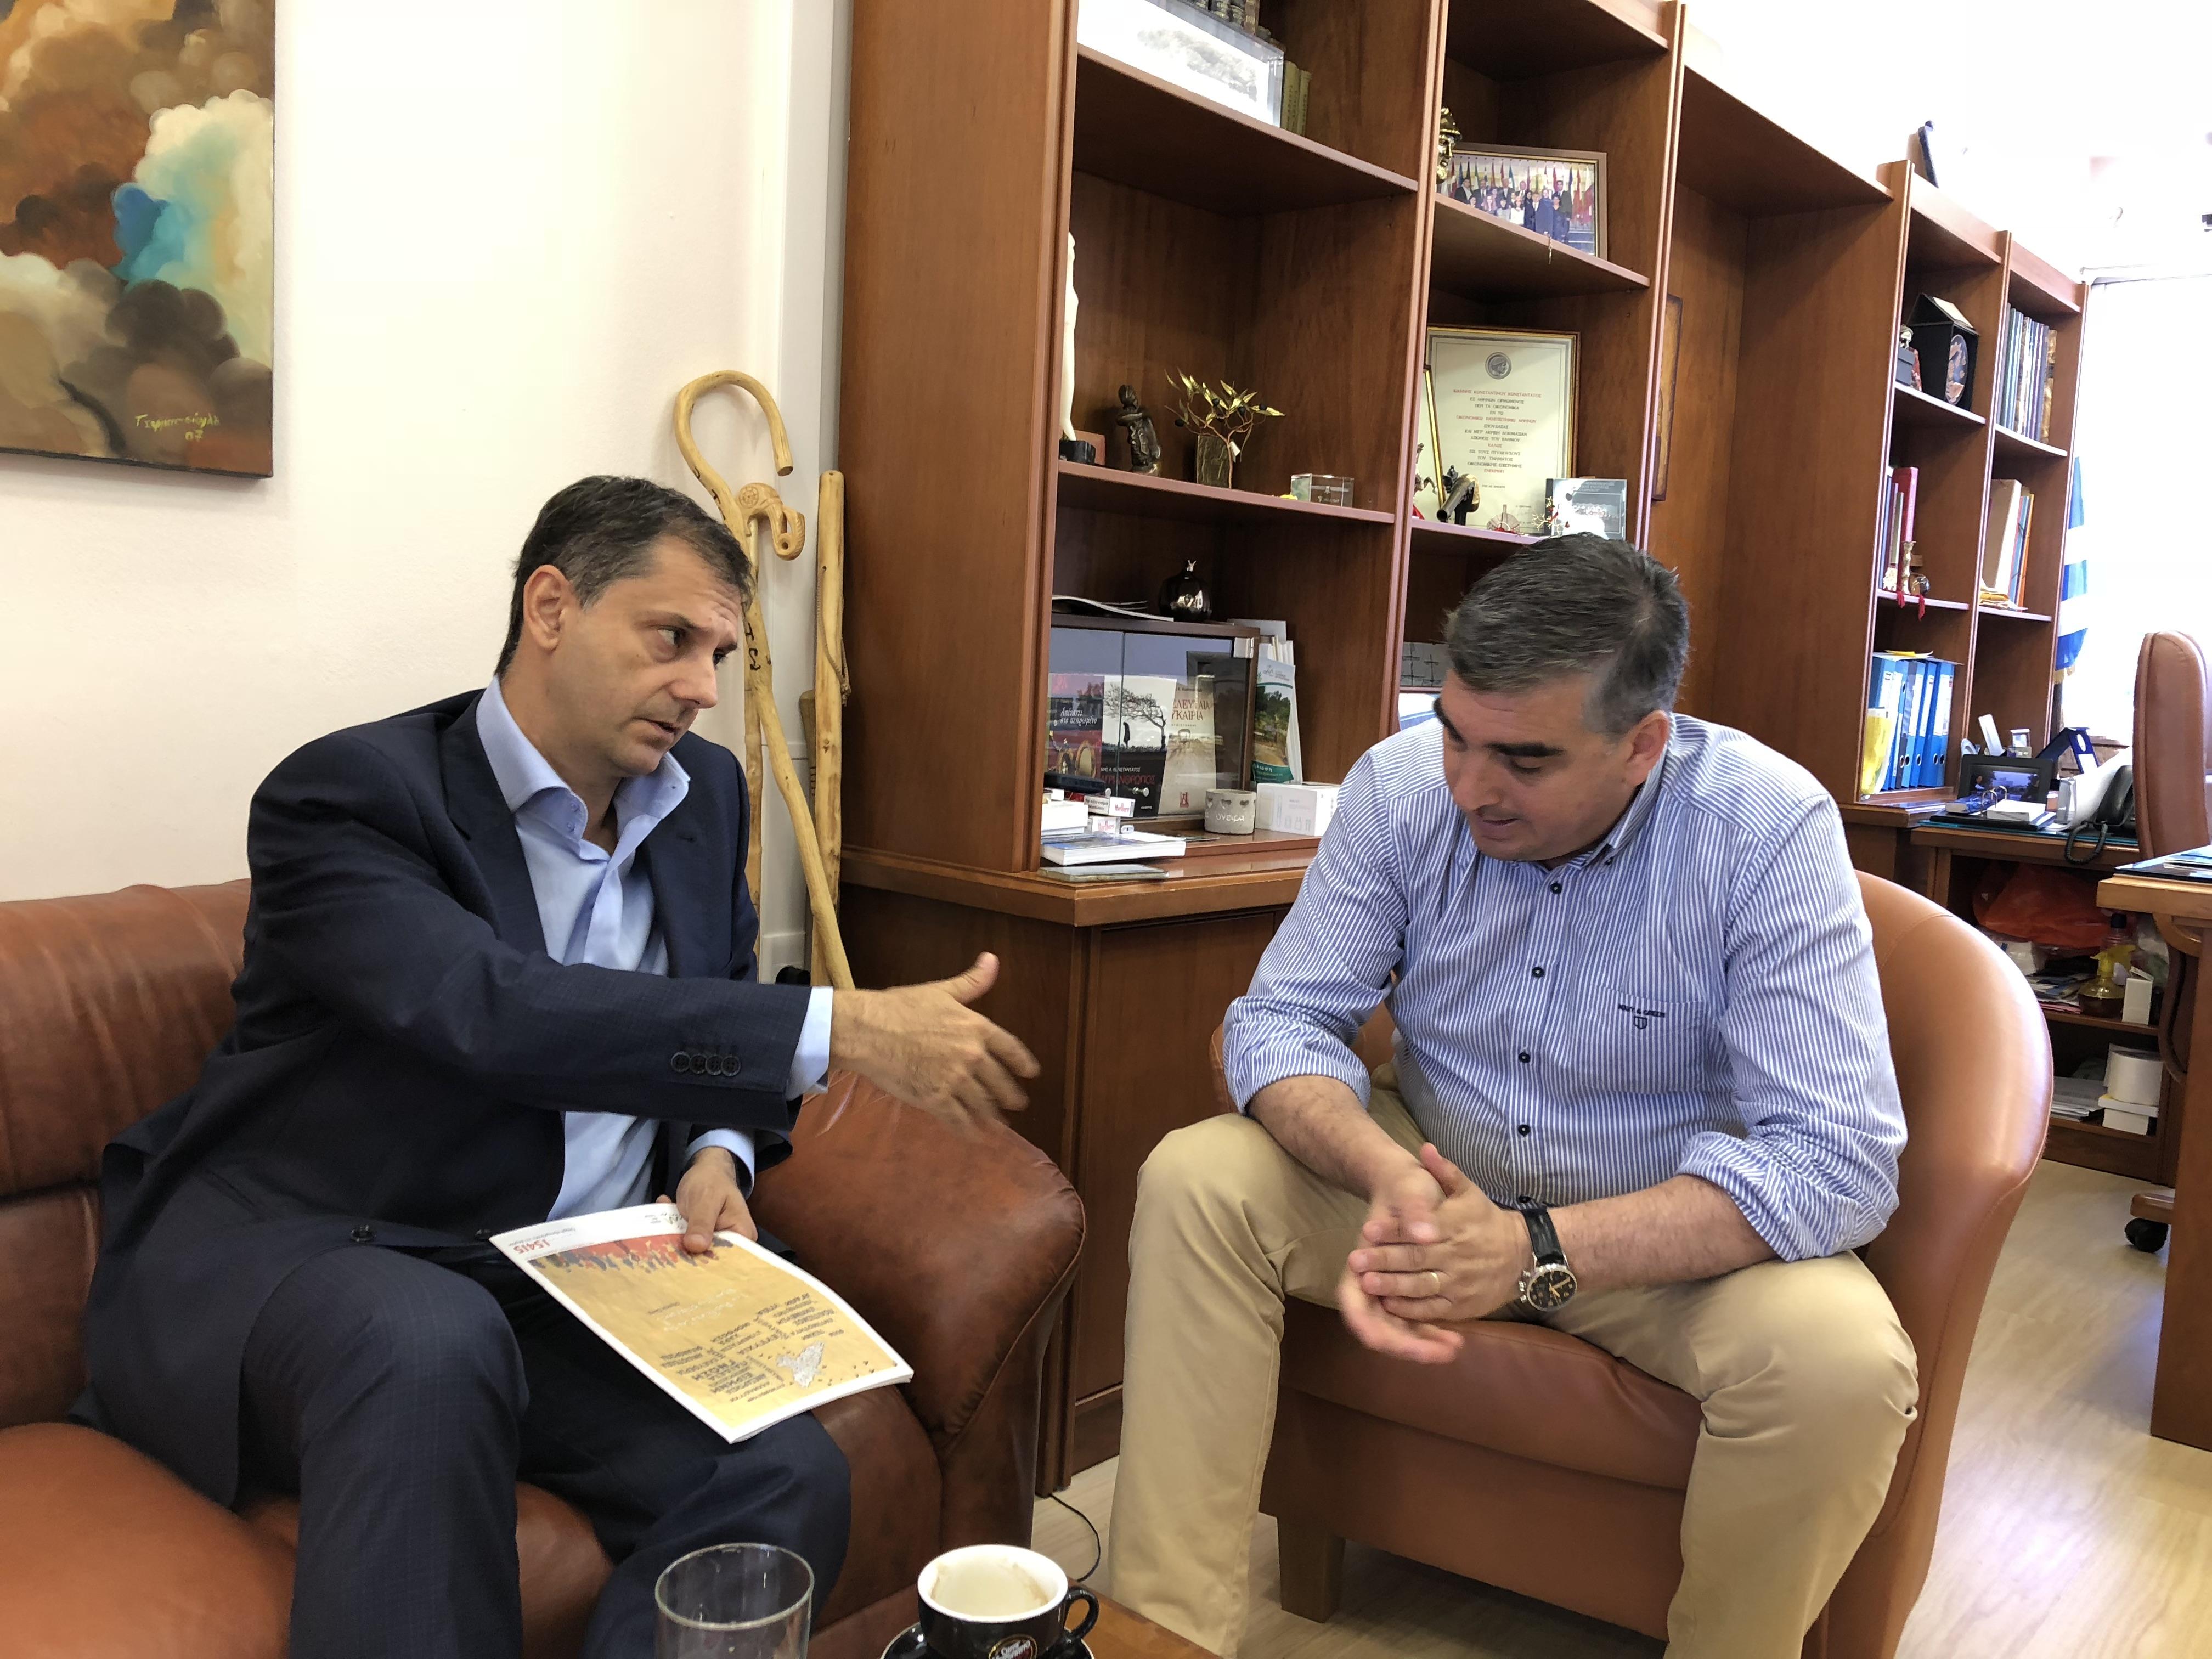 Συνάντηση για την επένδυση στο Ελληνικό.